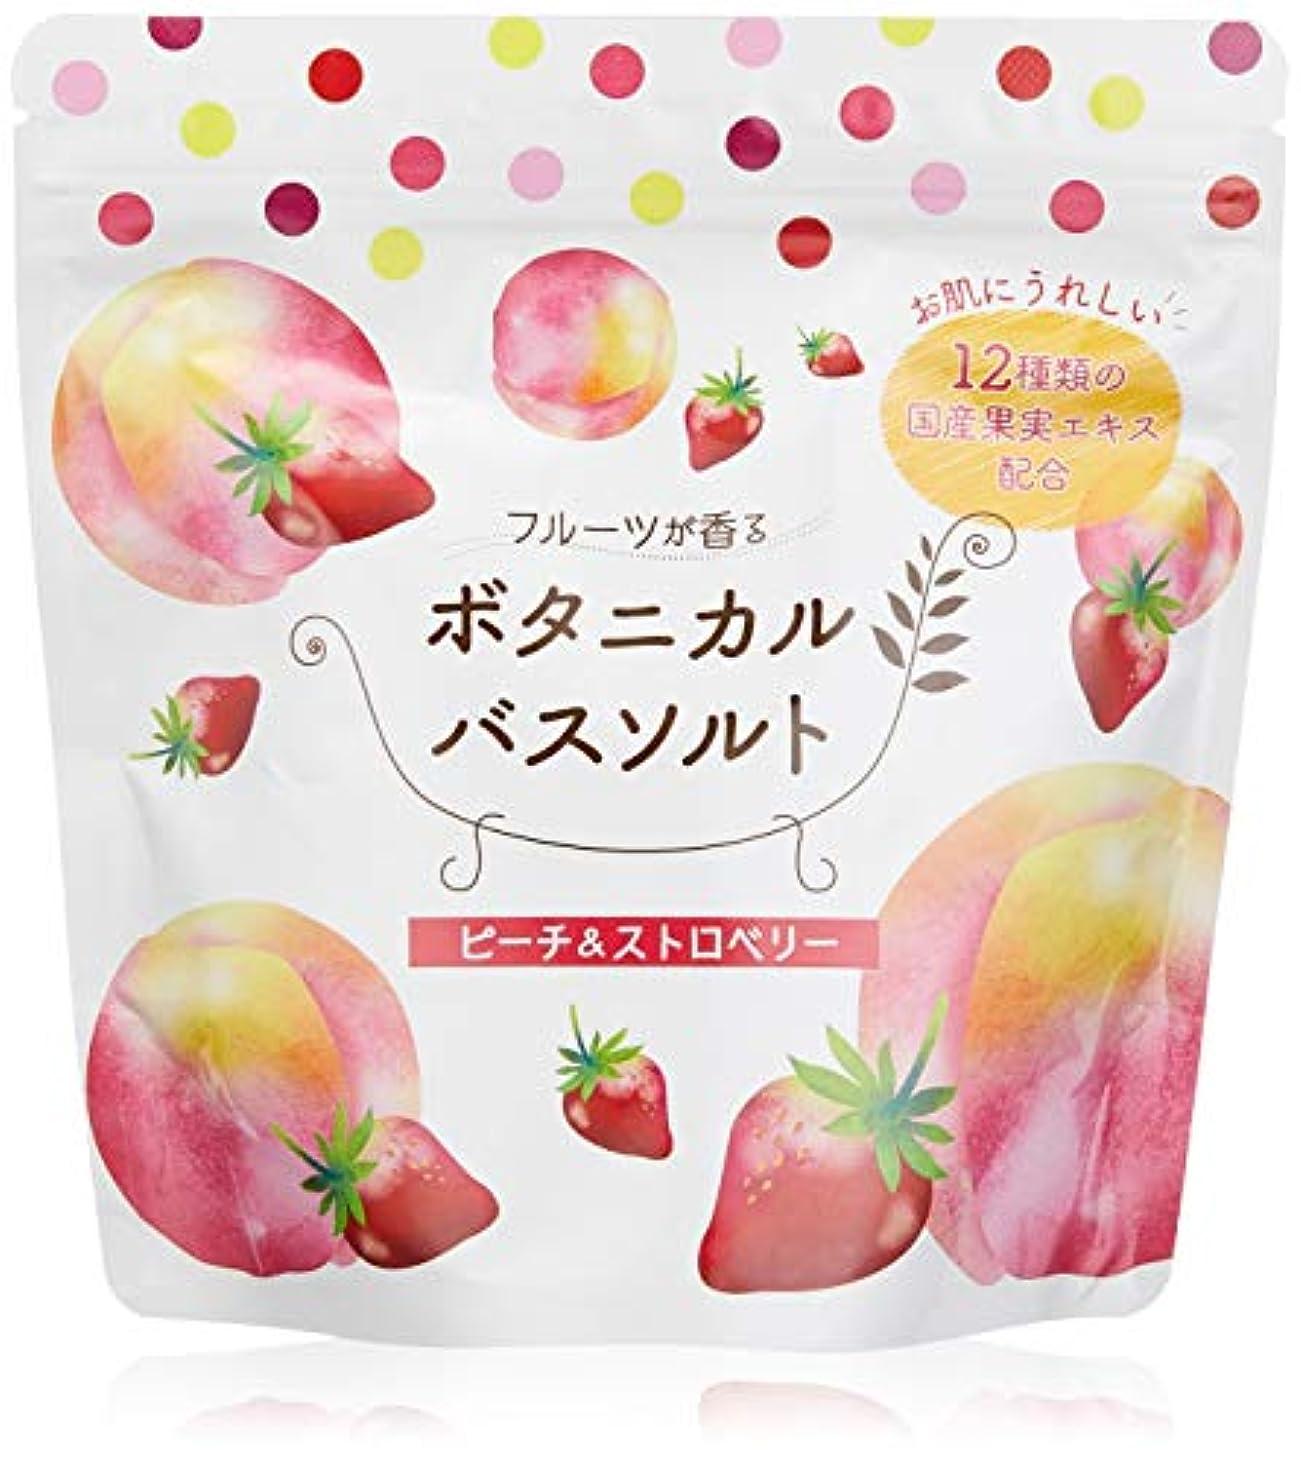 ホストご飯贅沢な松田医薬品 フルーツが香るボタニカルバスソルト 入浴剤 ピーチ ストロベリー 450g